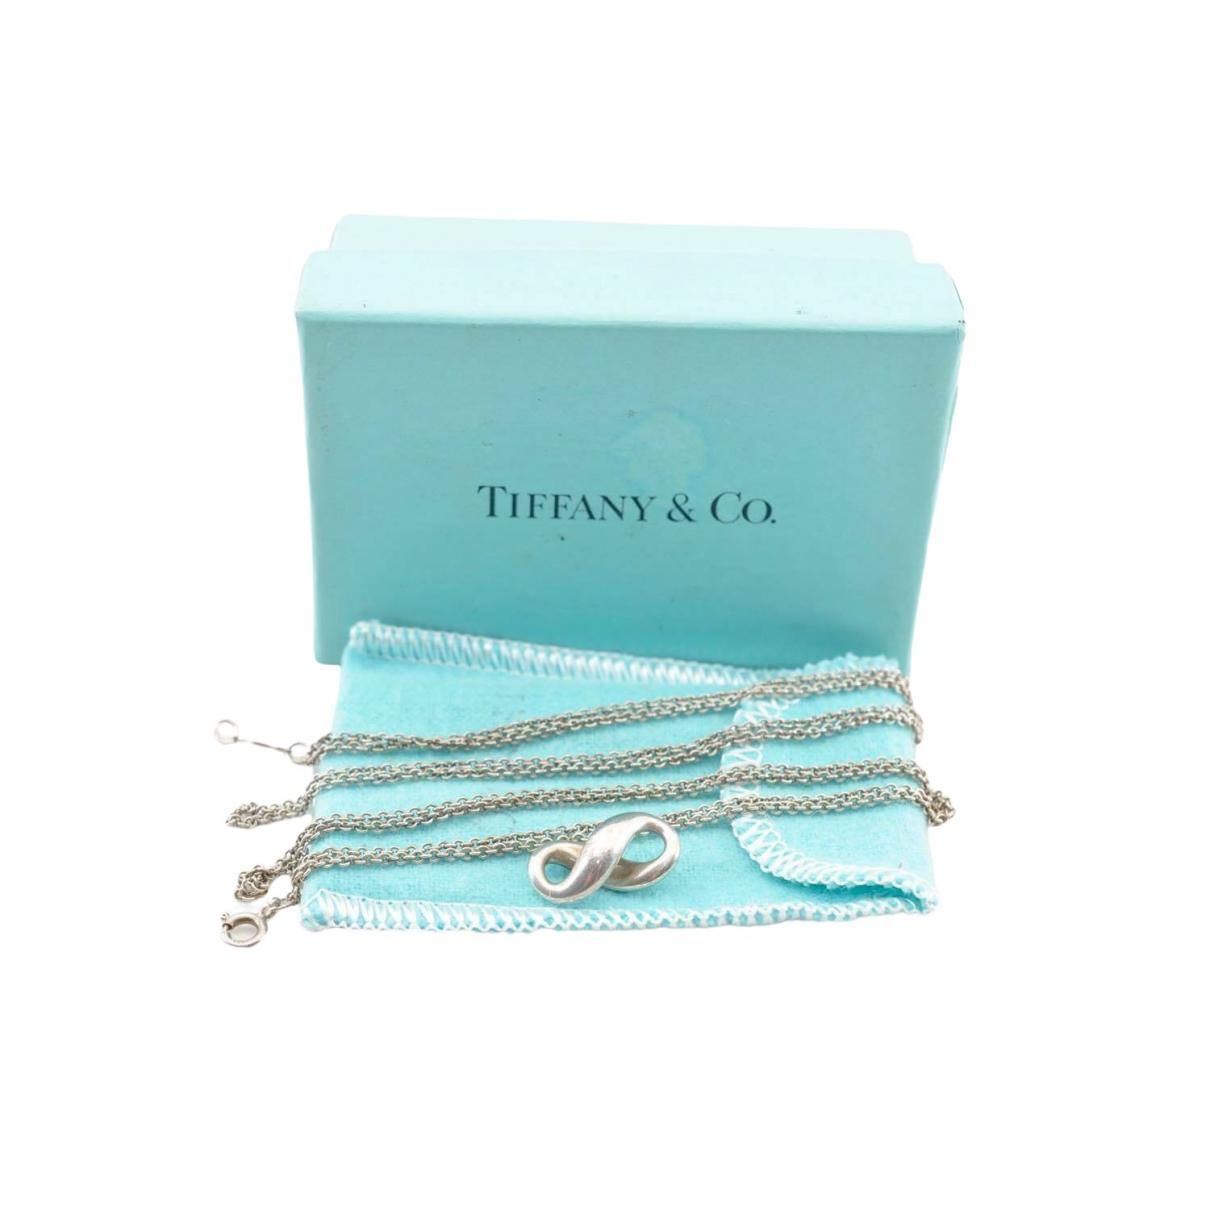 Collar Tiffany Infinity de Plata Tiffany & Co